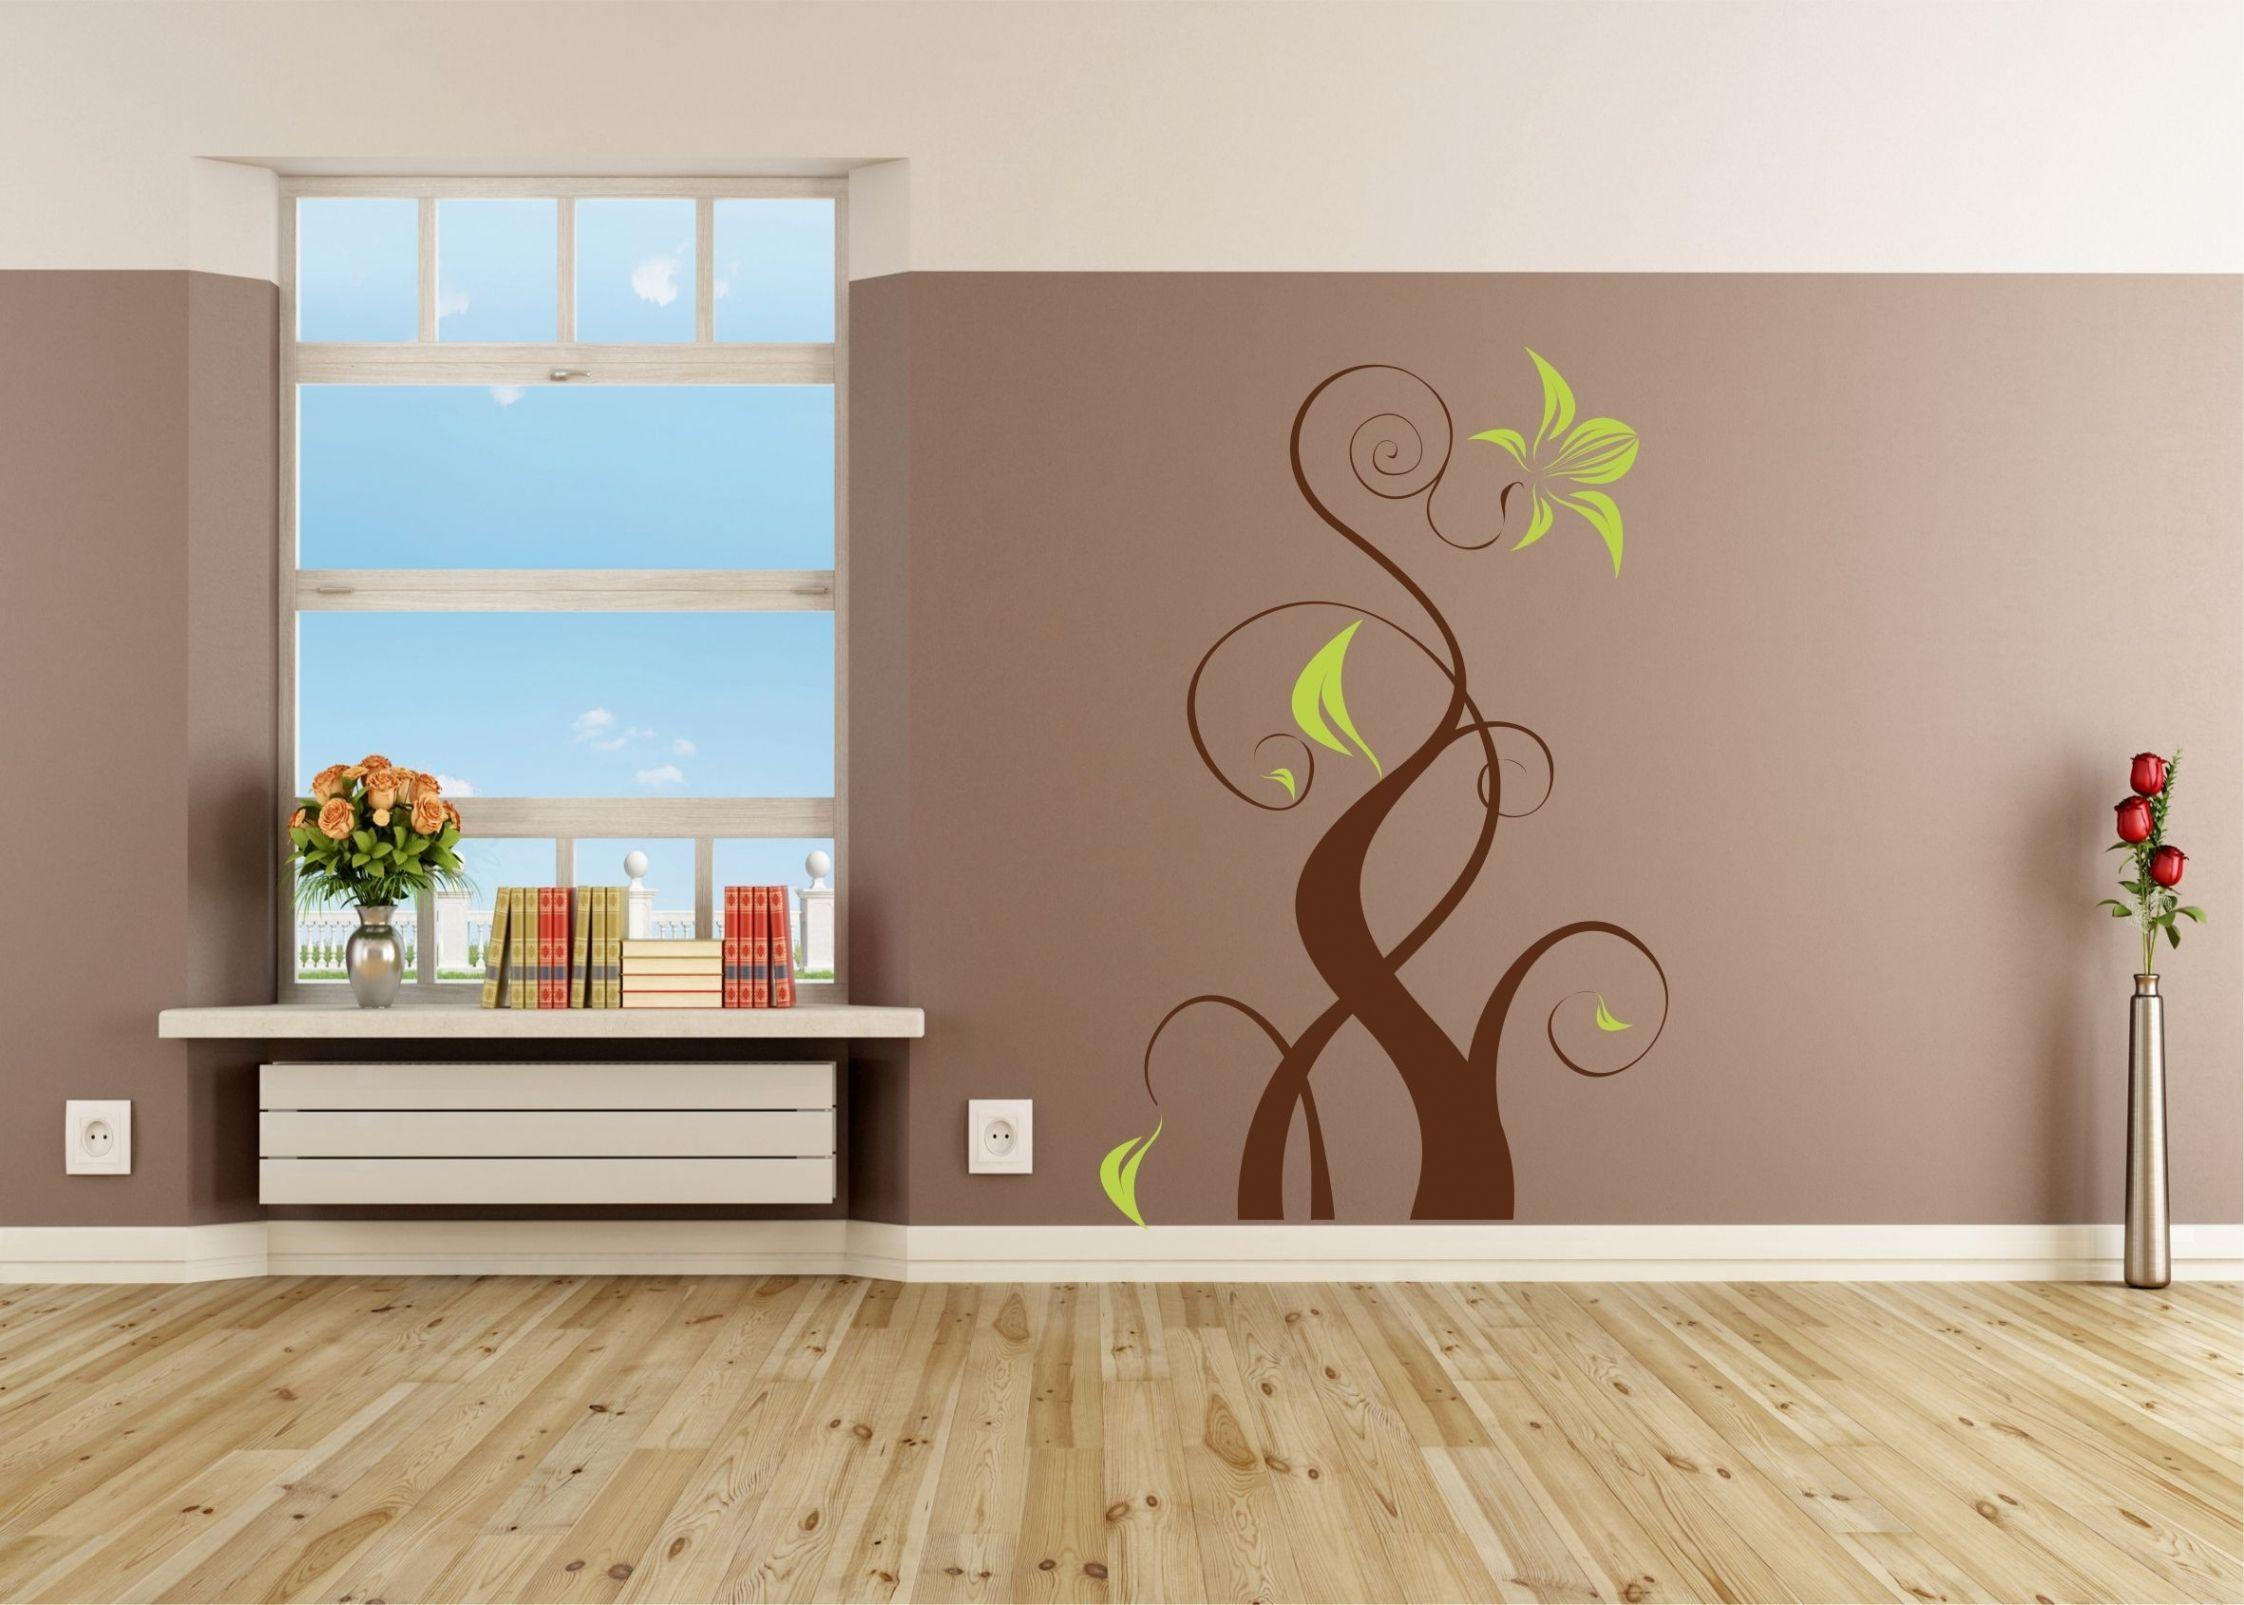 wohnzimmer zweifarbig streichen (With images) Decor